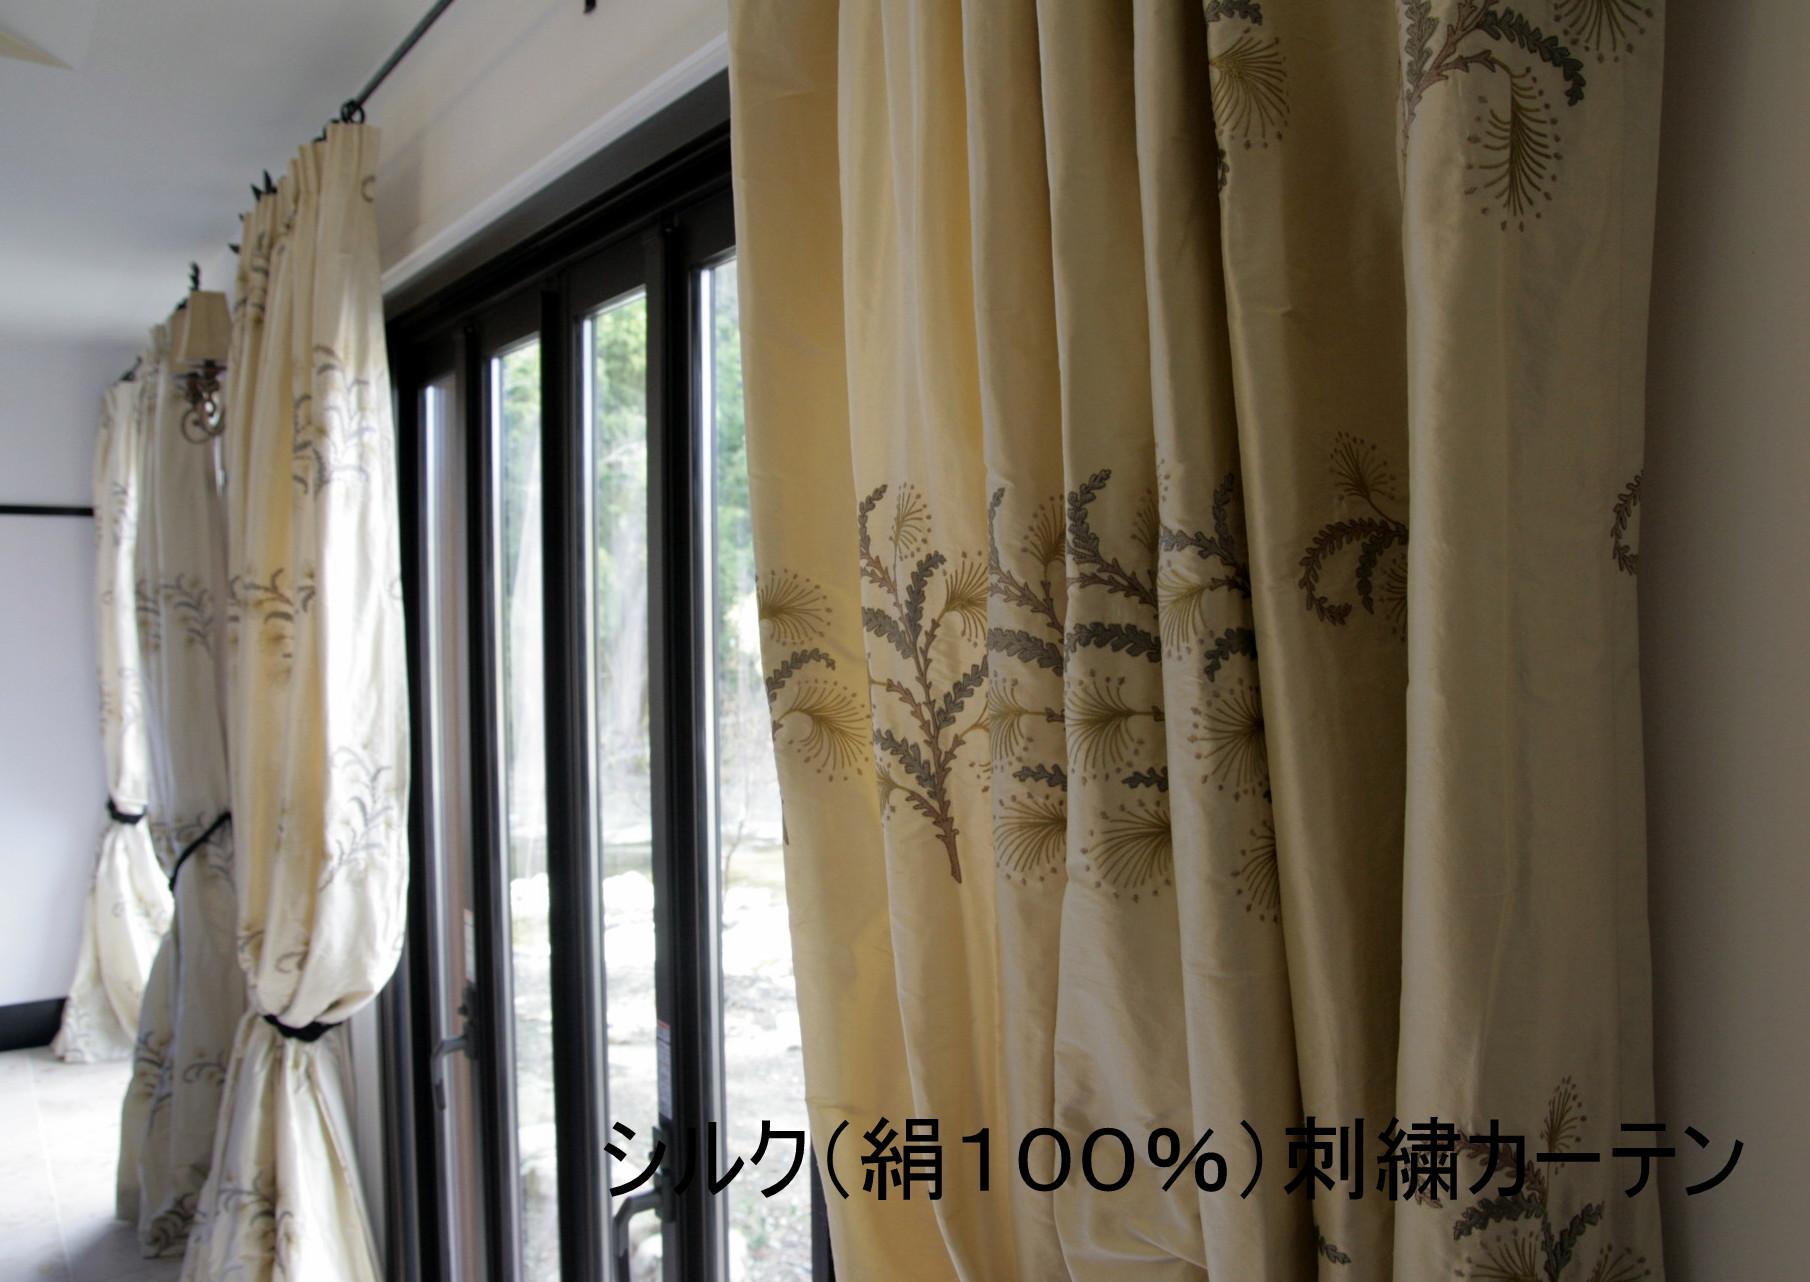 シルク刺繍カーテンの魅力